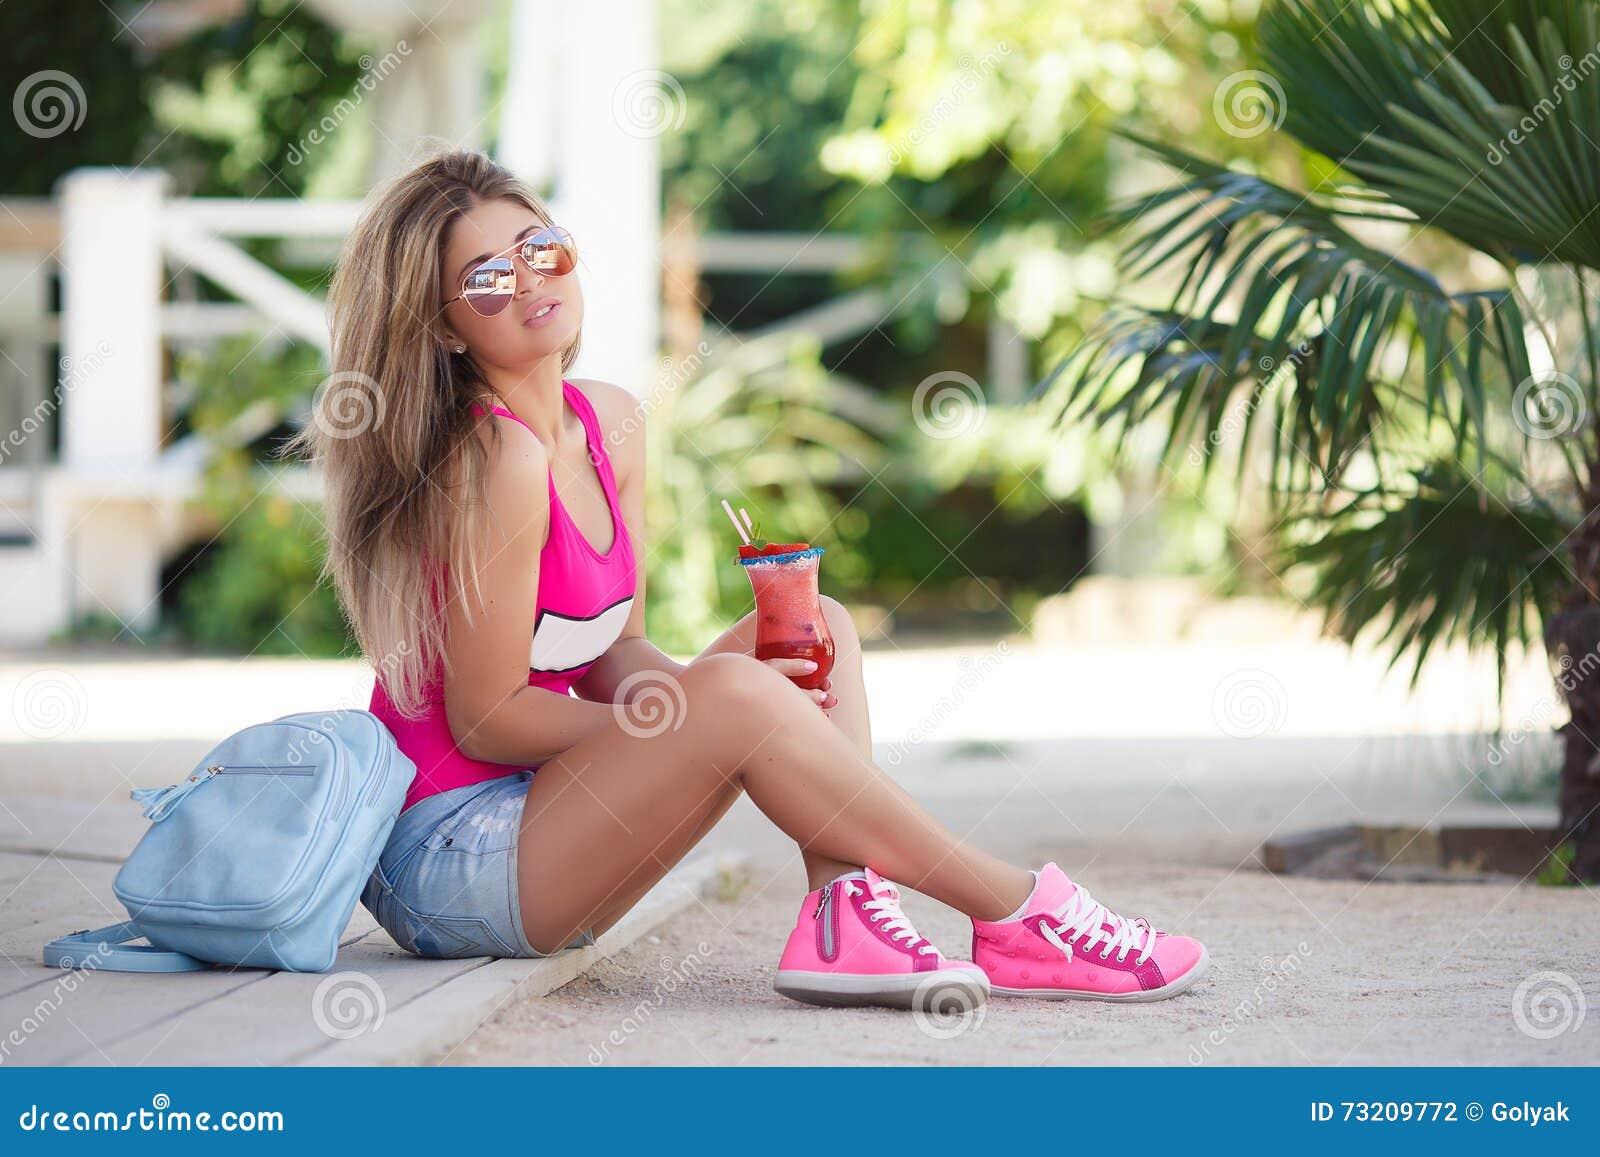 Ένα ζωηρό πορτρέτο της νέας όμορφης γυναίκας με το κοκτέιλ